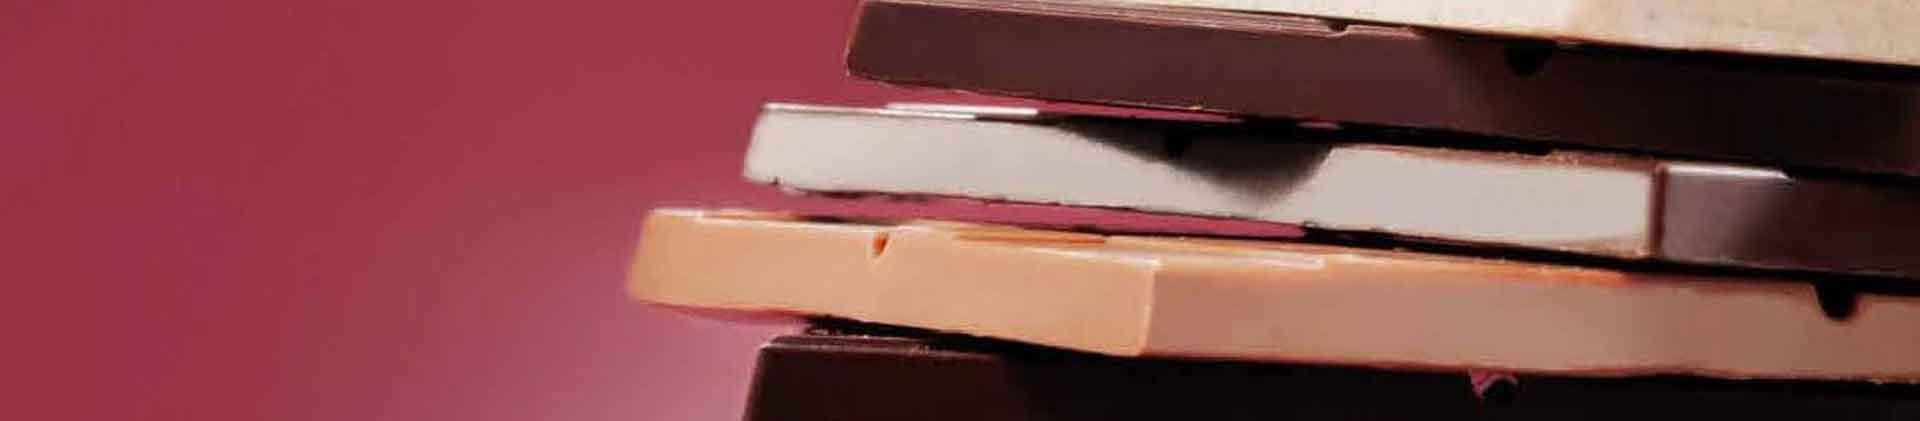 Trazas en los chocolates, información para alérgicos